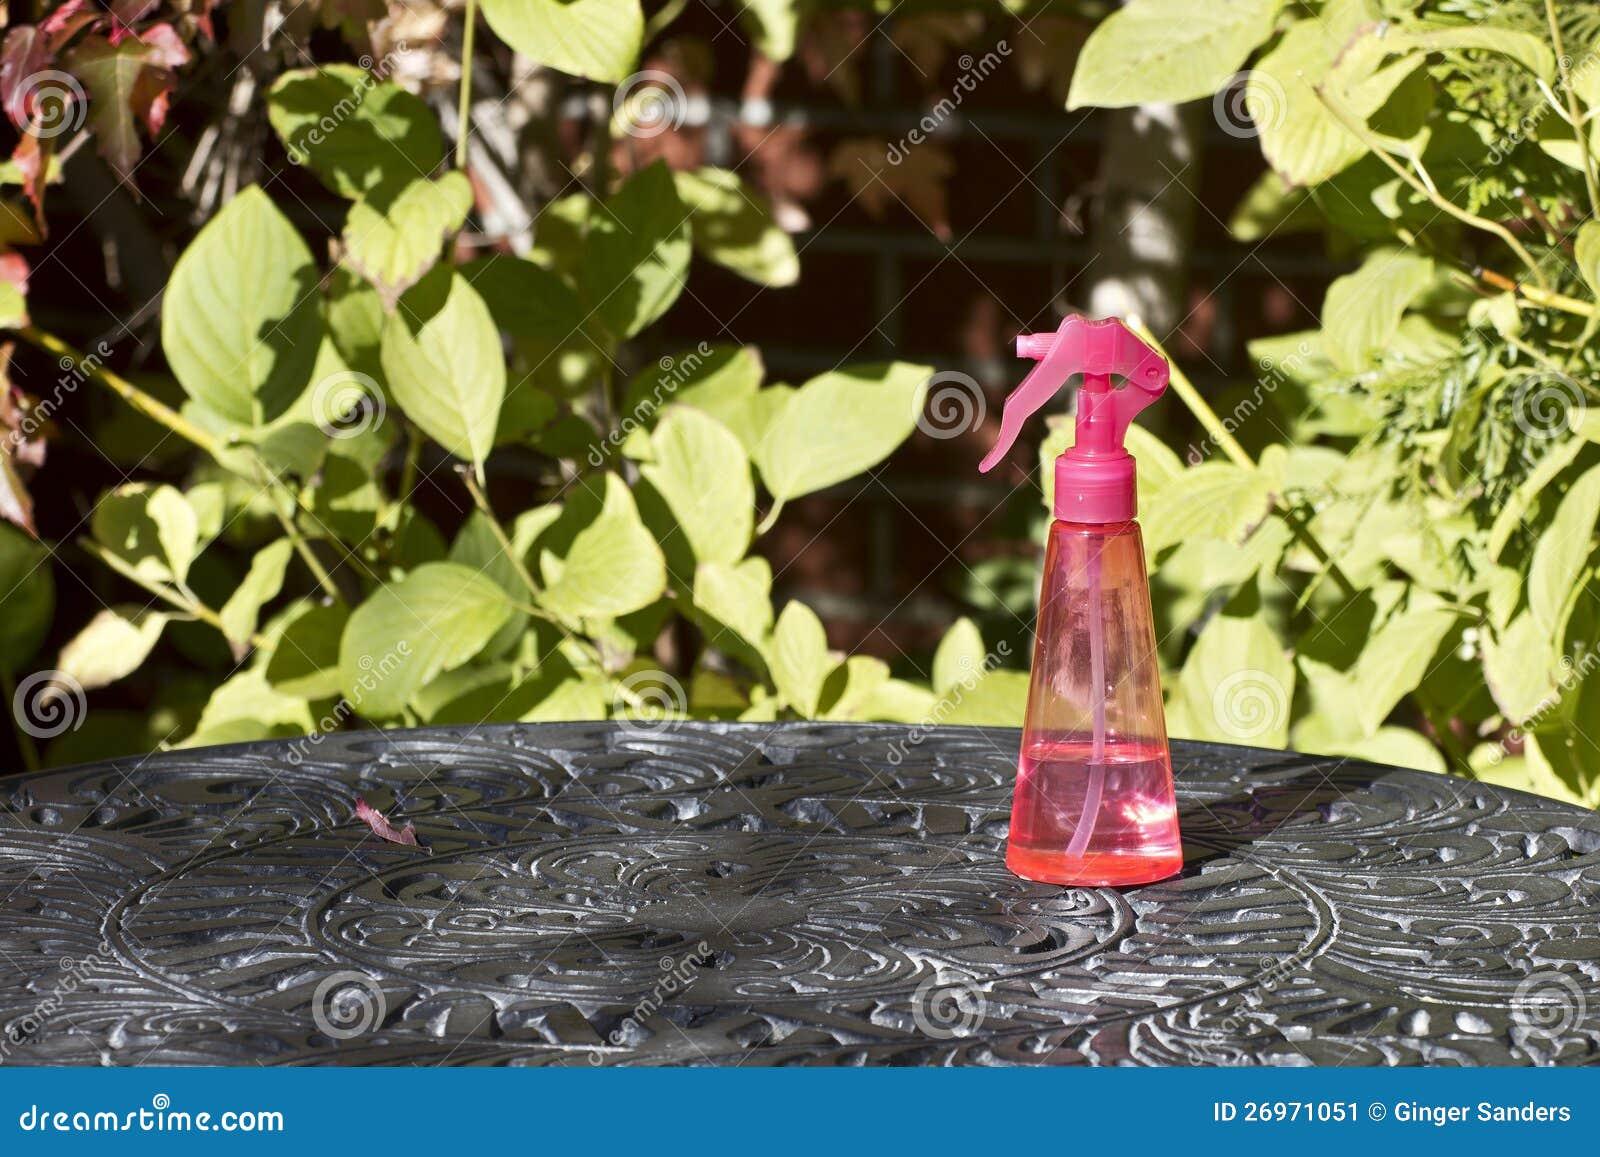 Bouteille D 39 Eau Rose De Jet Sur Le Tableau De Jardin Image